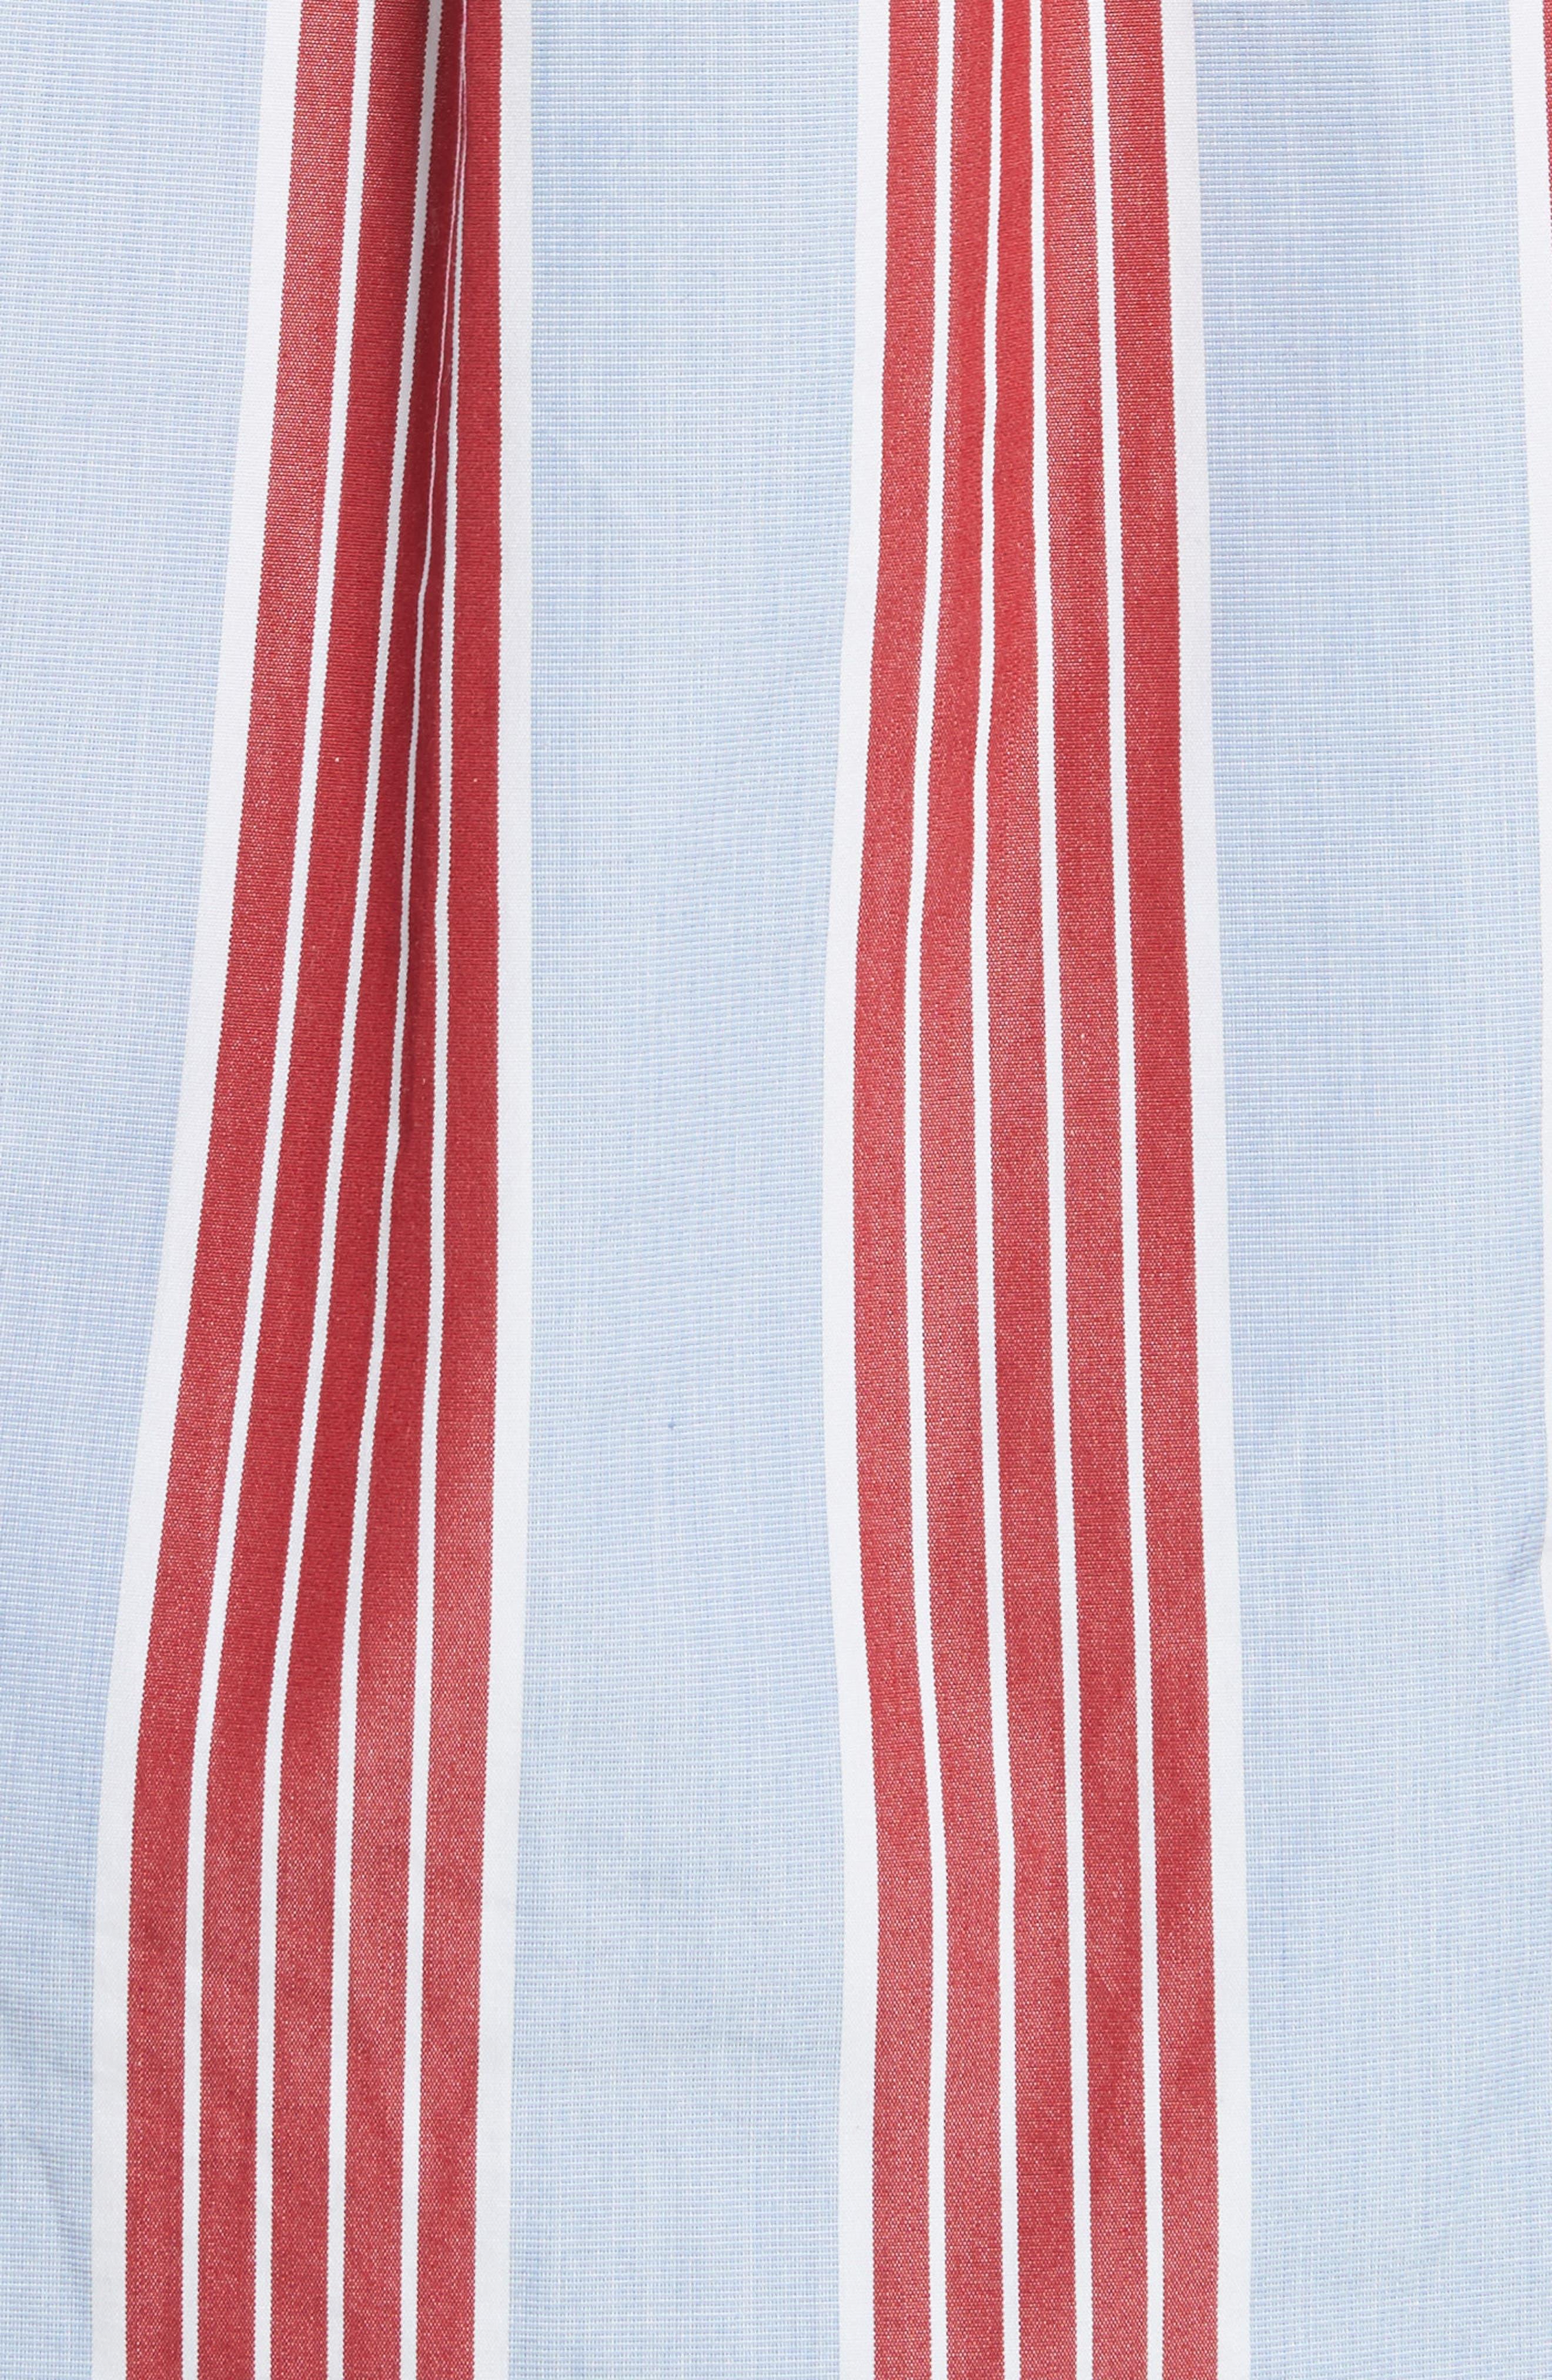 Chemise Manches Longues Stripe Shirt,                             Alternate thumbnail 5, color,                             Bleu Acier/ Rouge Fonce